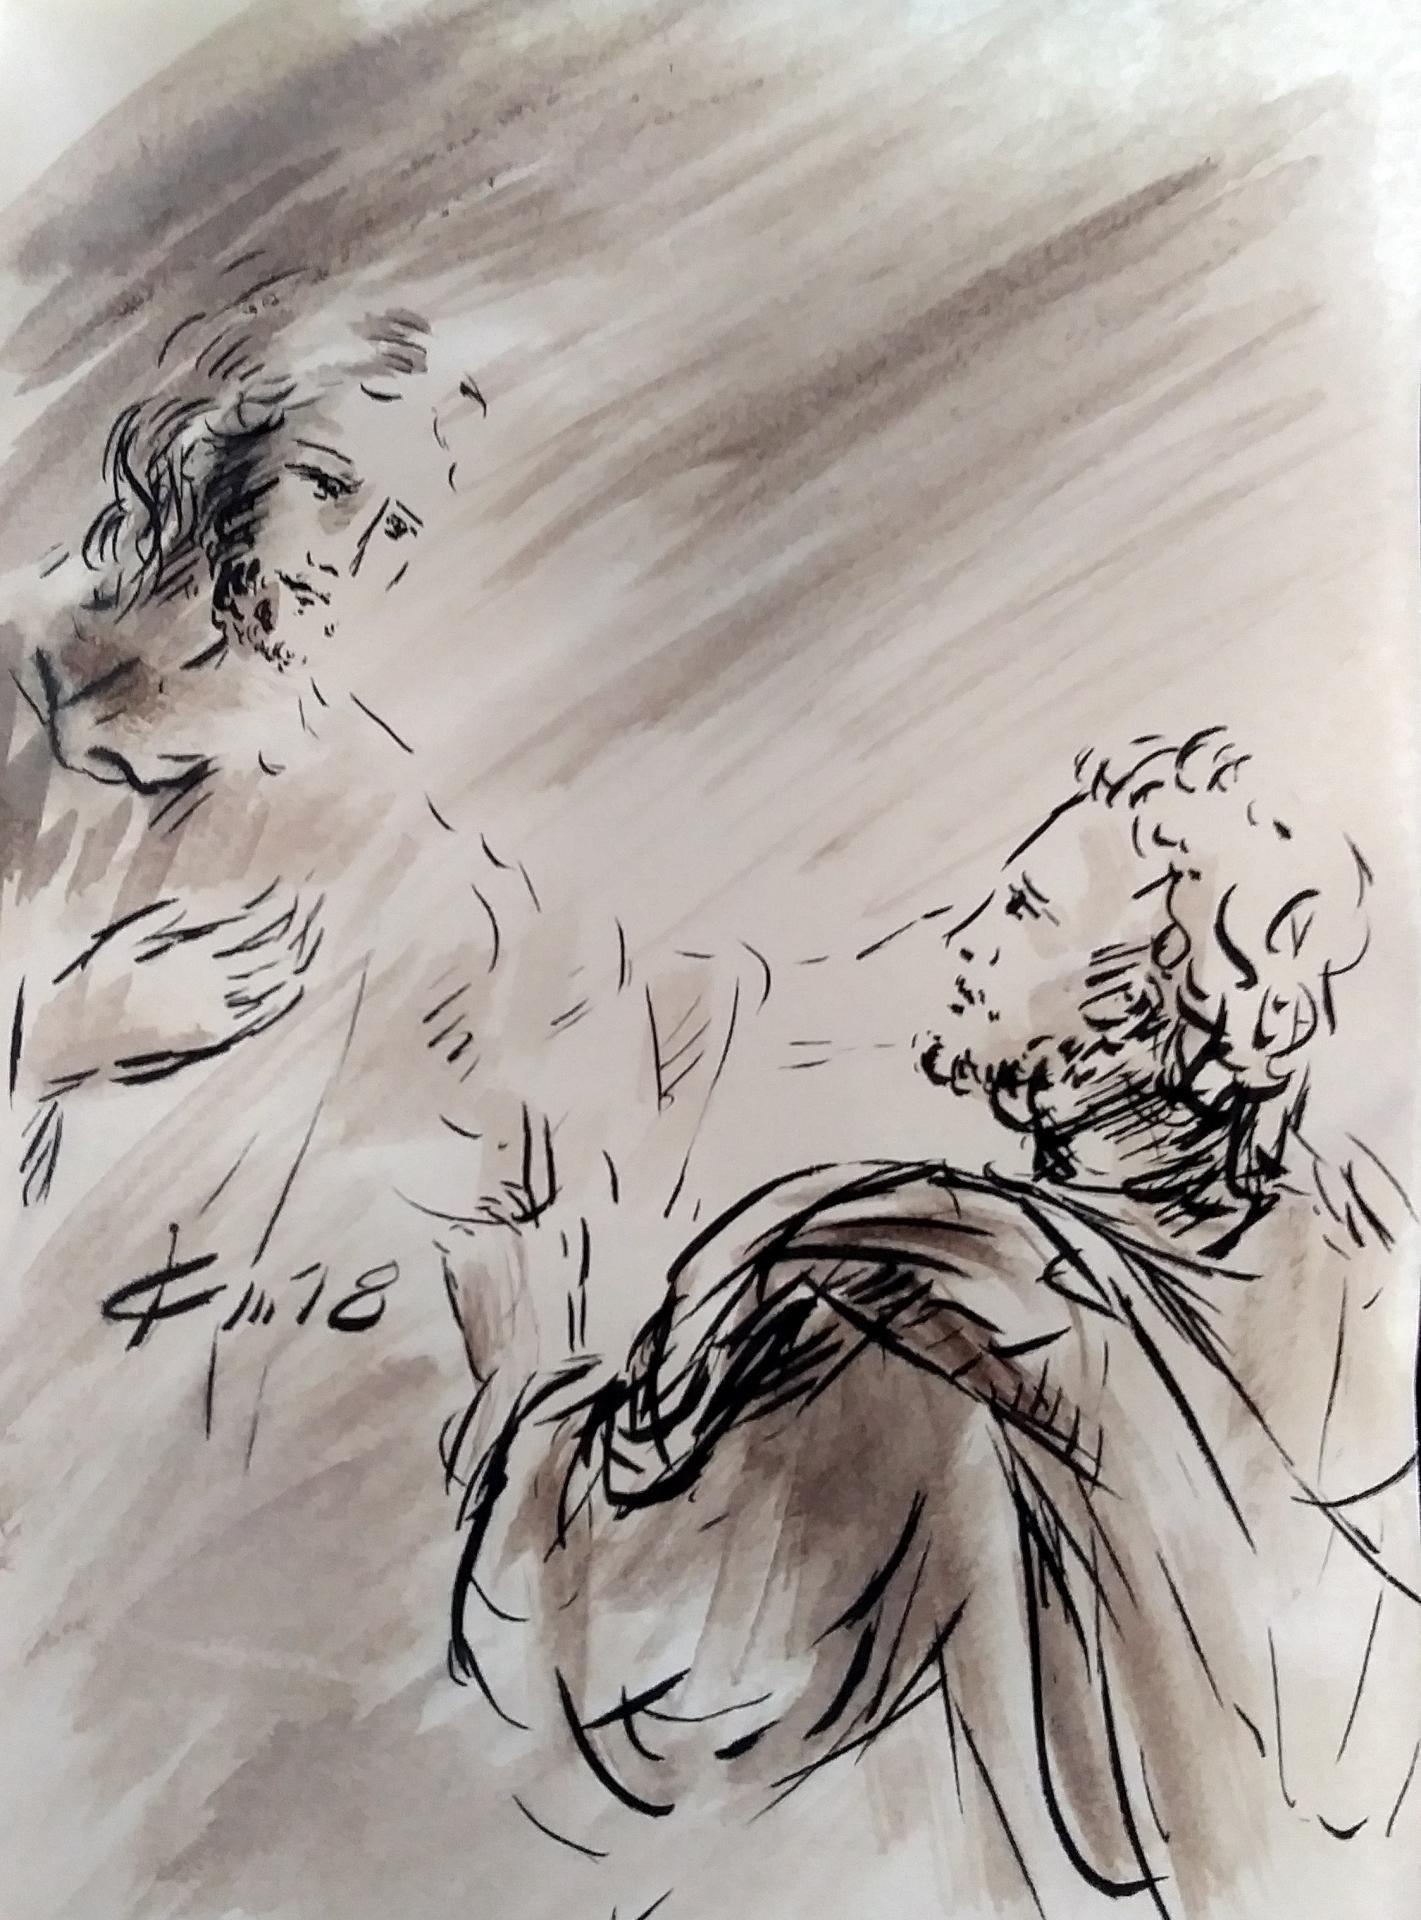 27 Avril 2018, évangile du jour illustré par un dessin au lavis